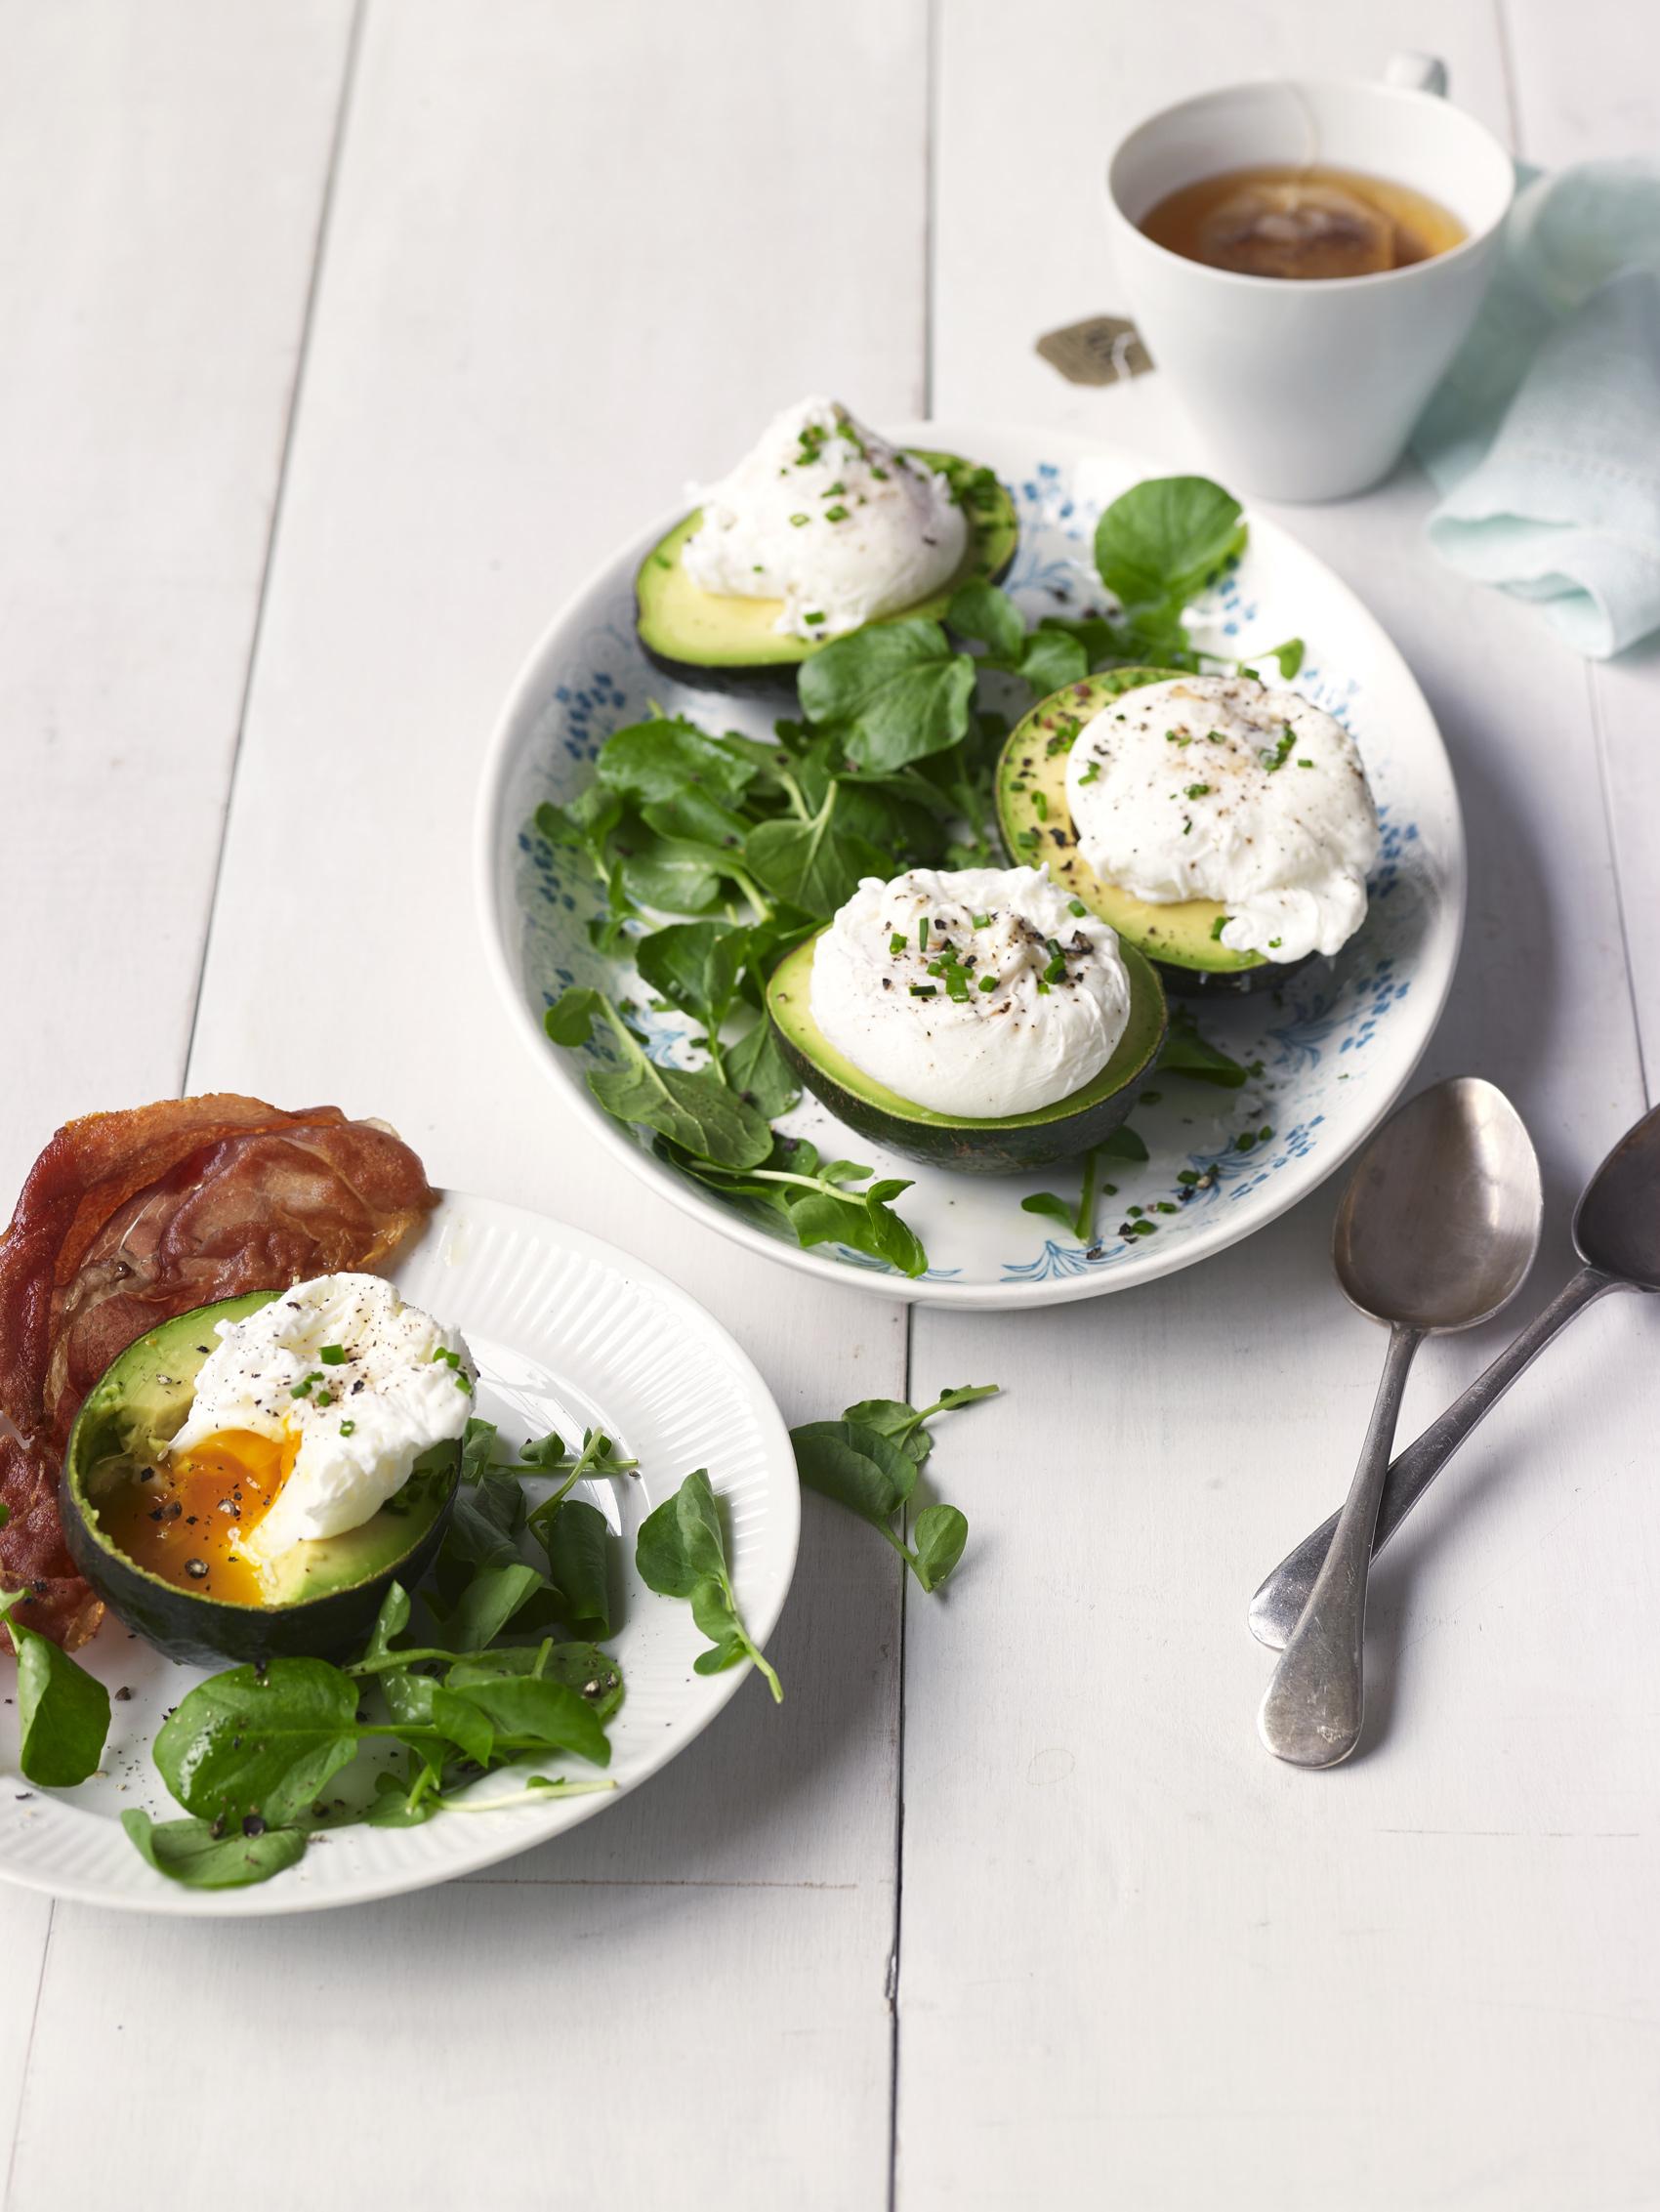 165_Ch6_Prosc_Eggs_Avocado.jpg